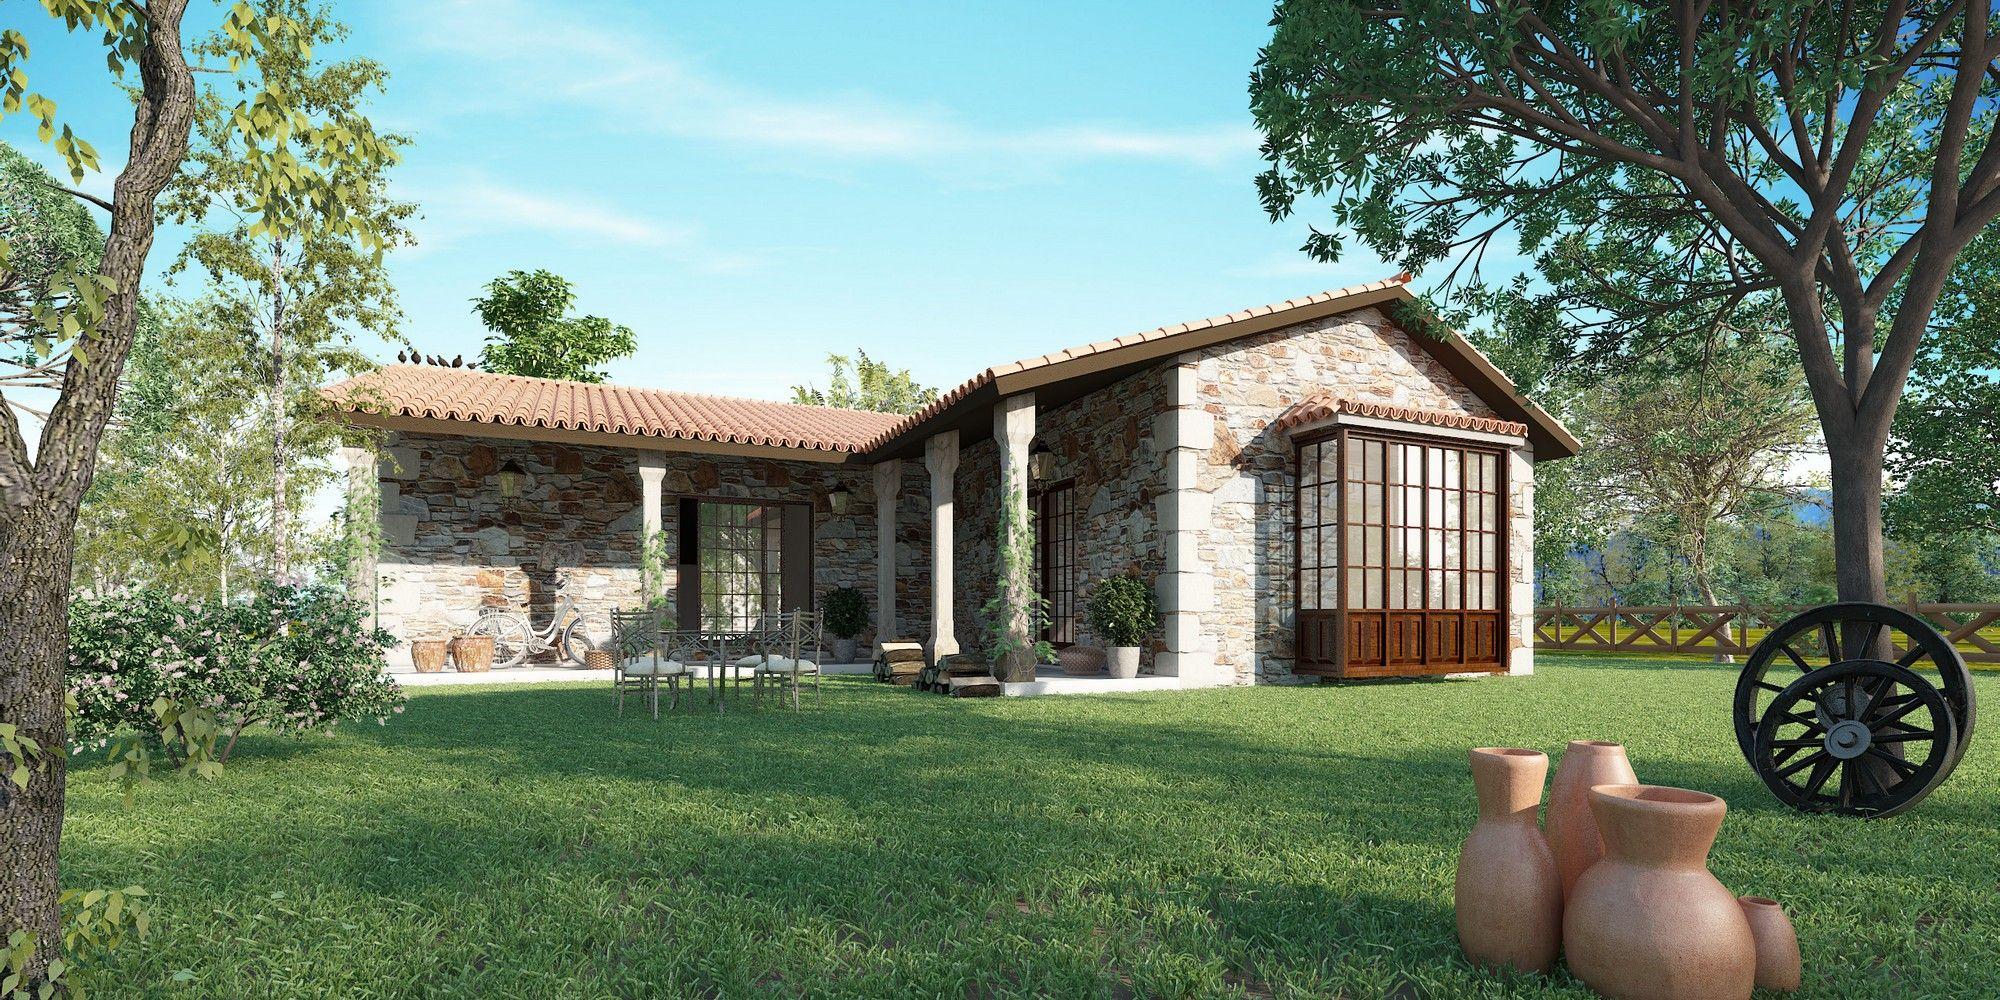 Casa r stica toda en planta baja la planta hace una l con un porche consiguiendo un espacio - Planos de casas de campo rusticas ...